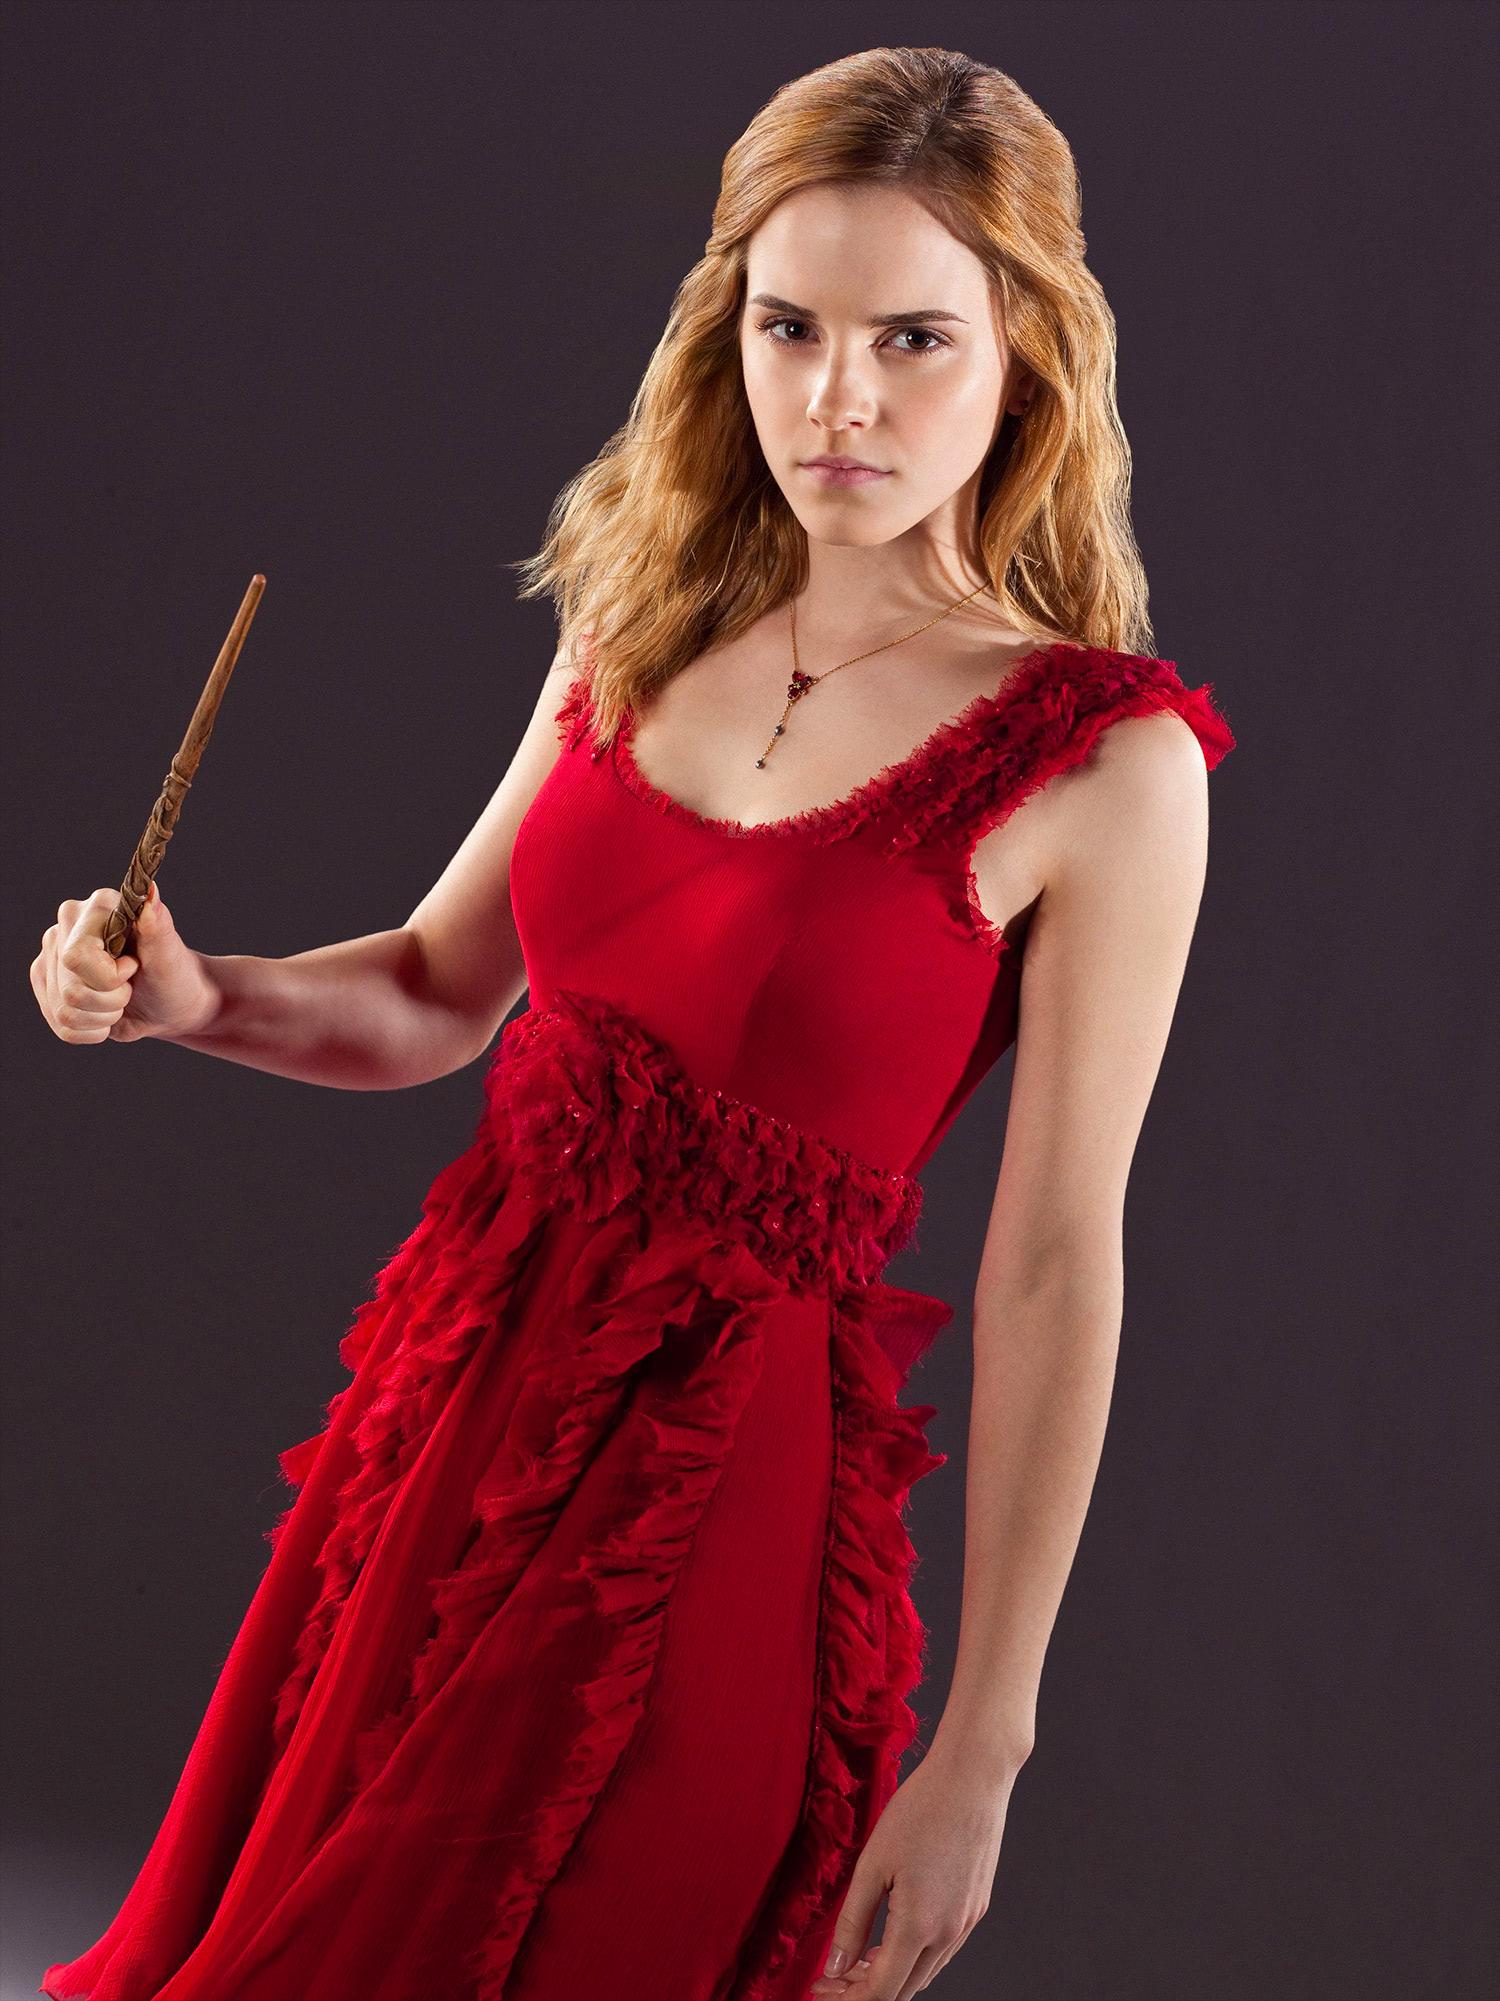 Hermione Granger wedding portrait